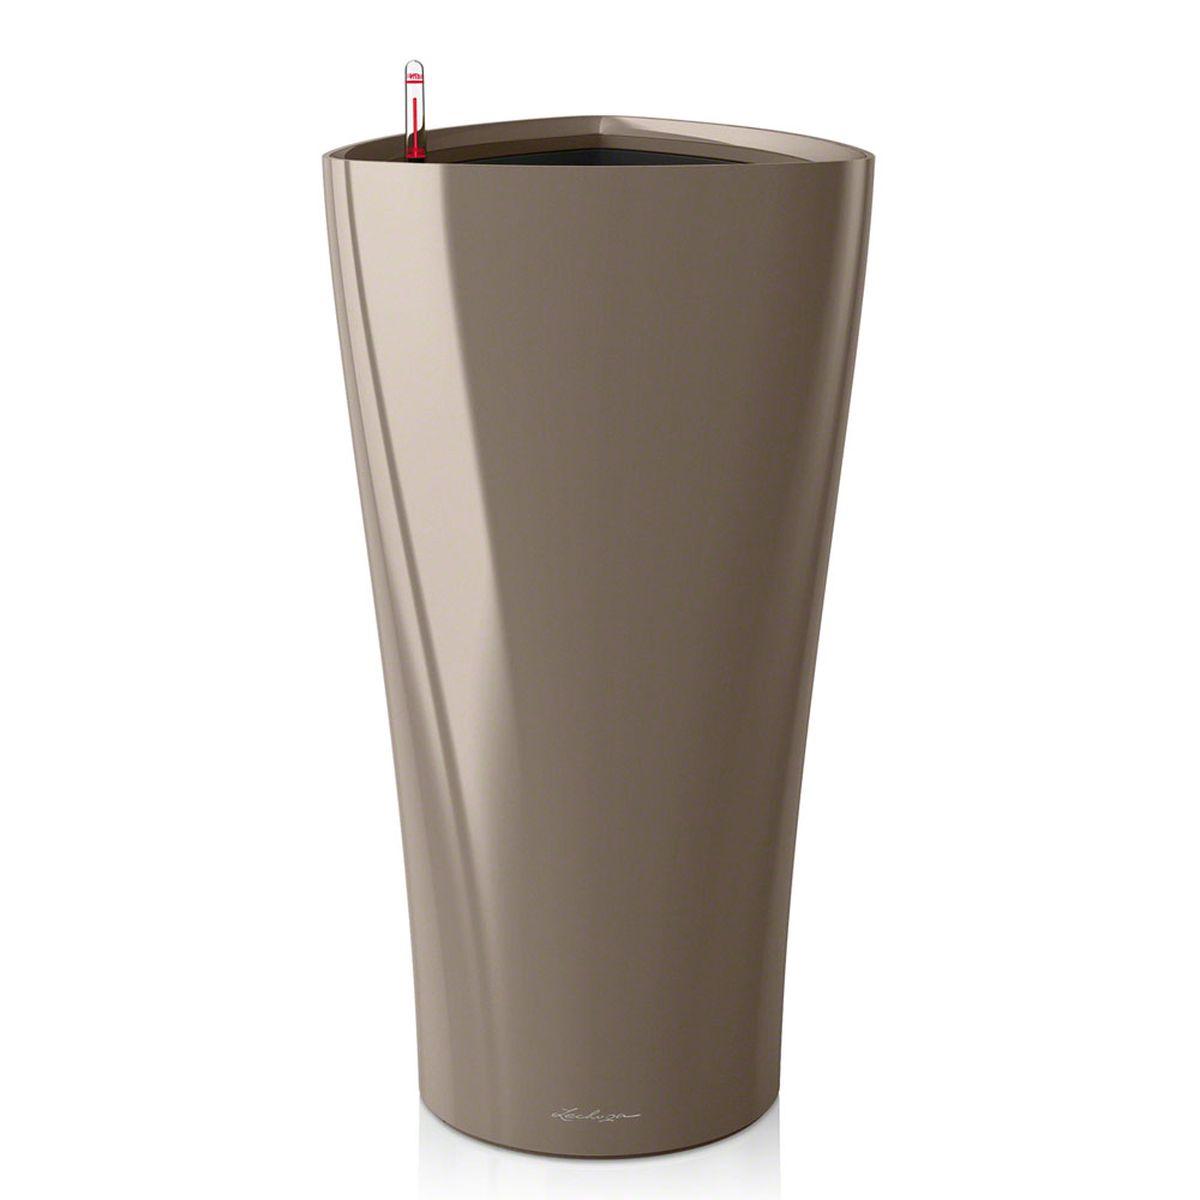 Кашпо с автополивом Lechuza Delta 30х56 см, серо-коричневое15504LECHUZA DELTA объединяет технологии и дизайн: спрятанная в кашпо плавной, органичной формы, система автополива LECHUZA, надежно обеспечивает Ваши растения водой. Особые преимущества: - Сменный внутренний горшок с системой автополива - Высокое, узкое кашпо в виде колонны - Устойчиво и стабильно